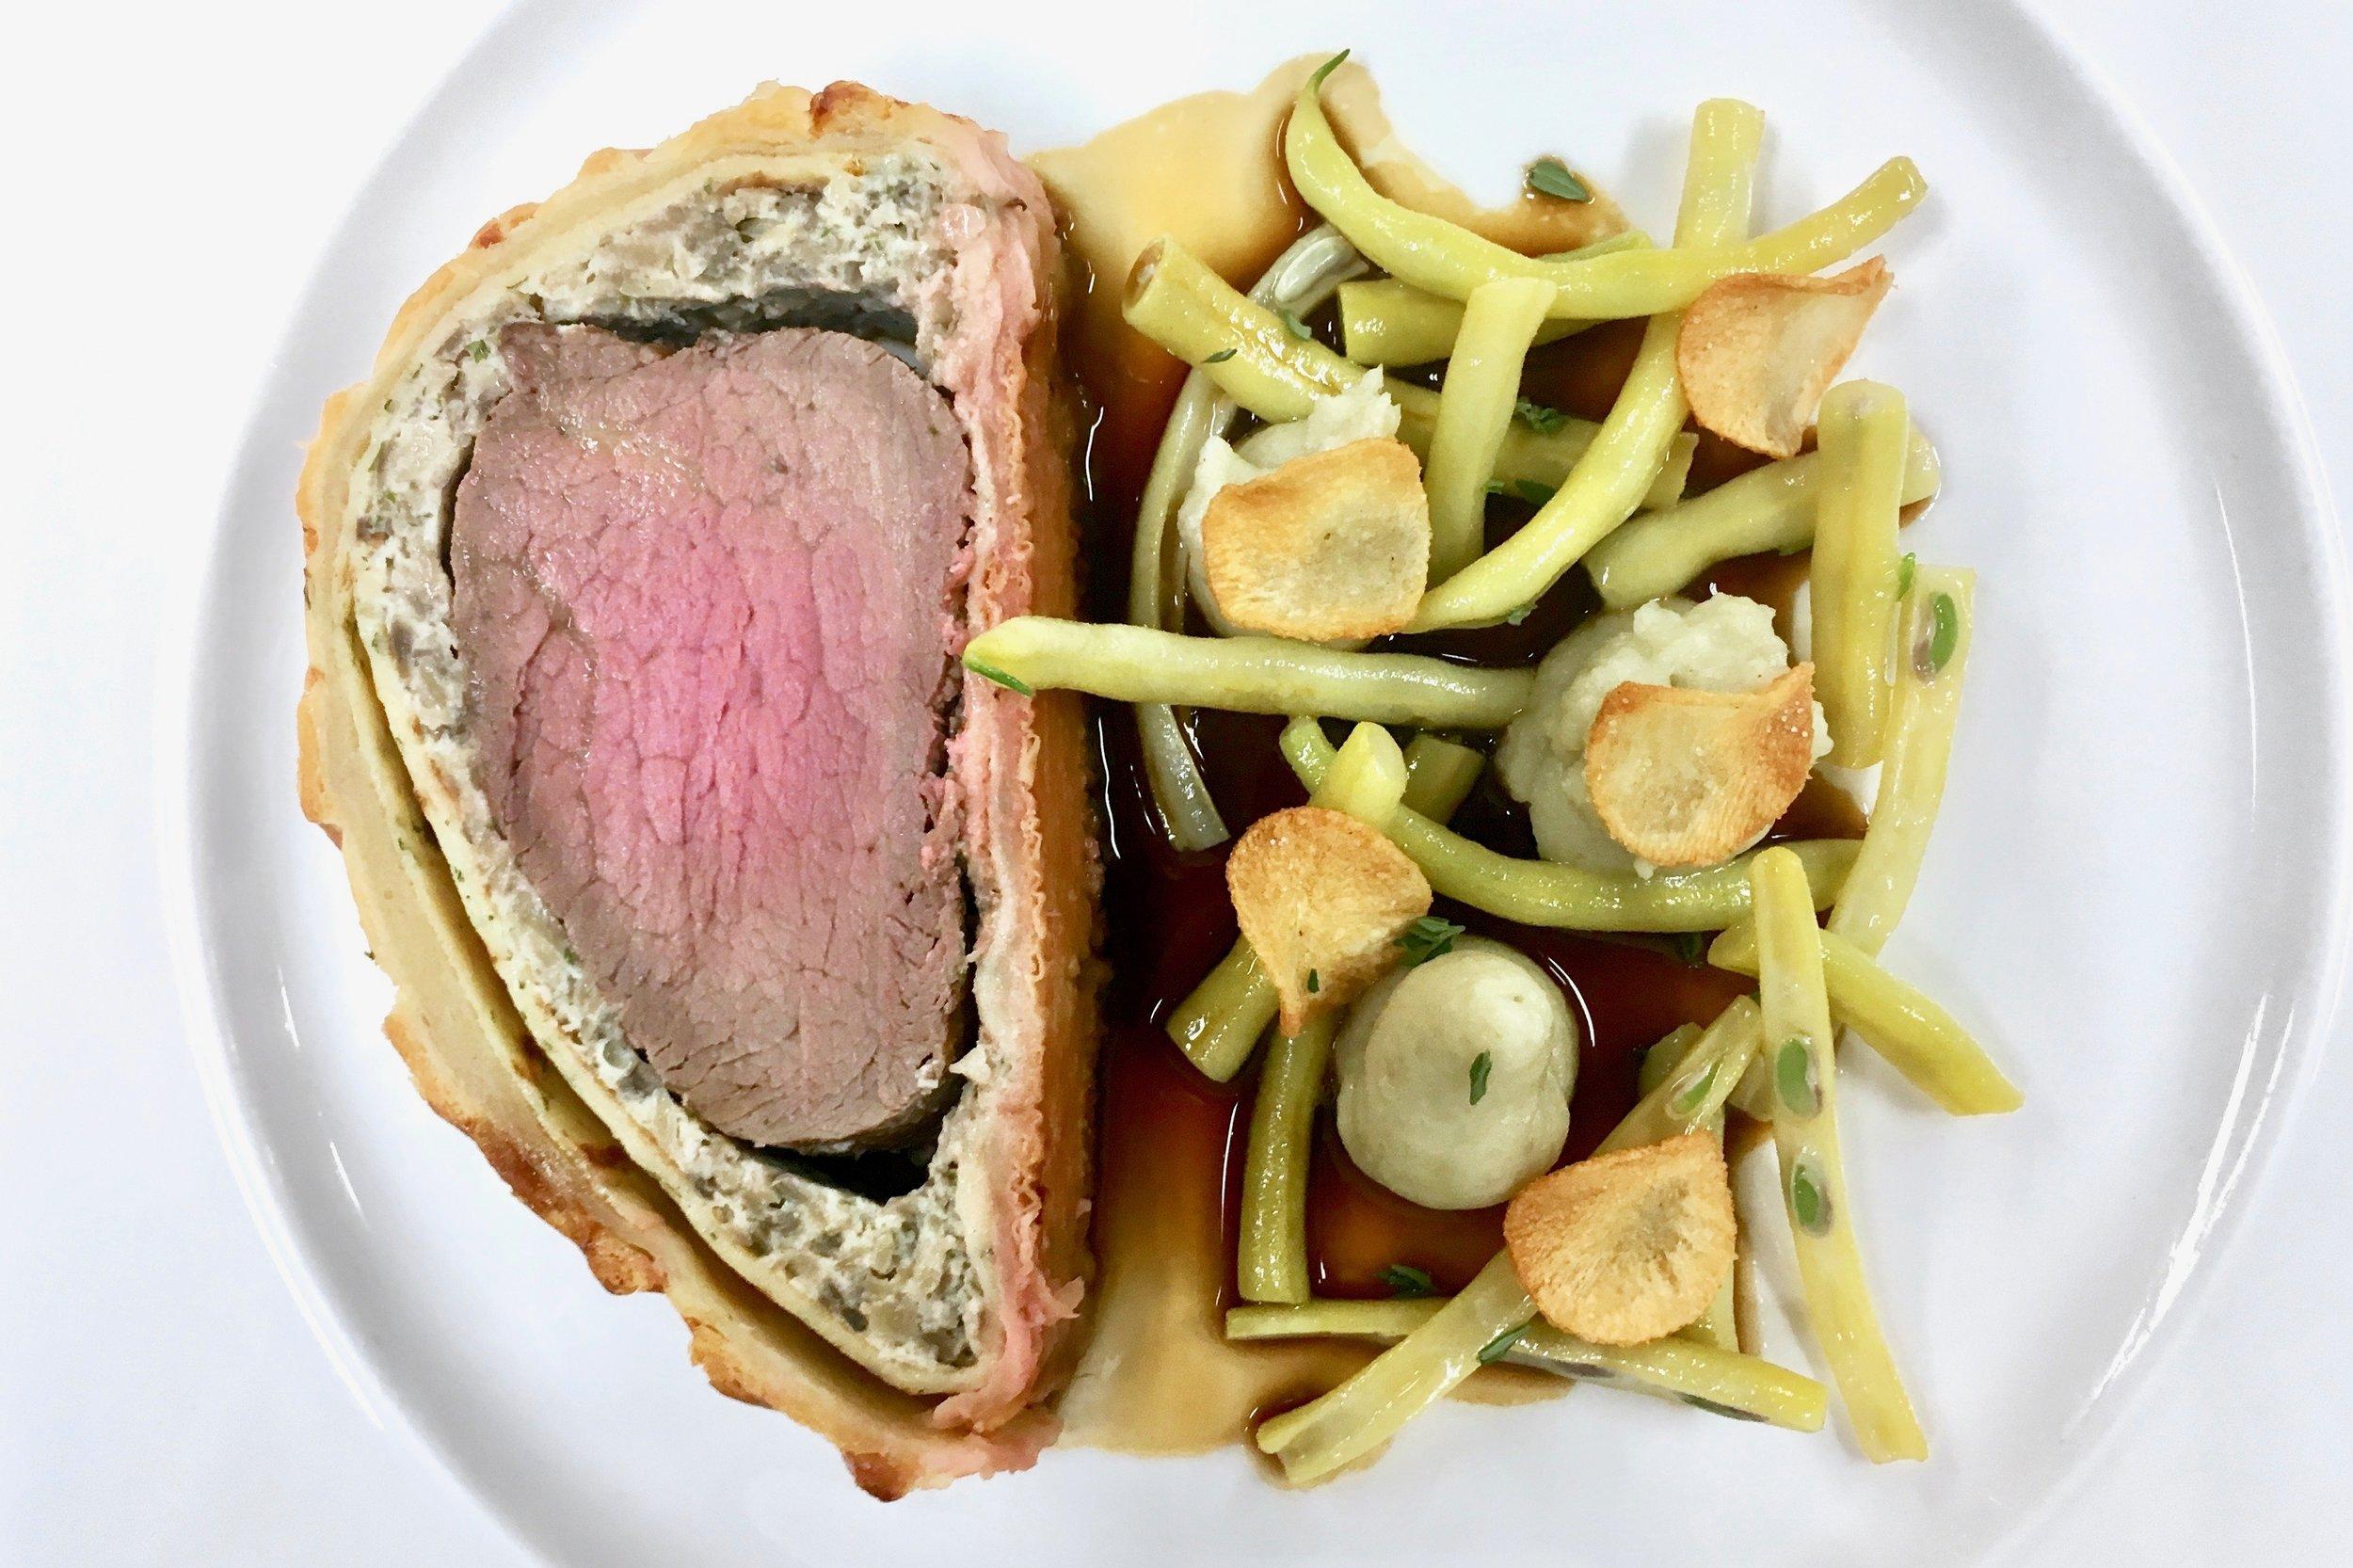 Slightly overcooked Beef Wellington